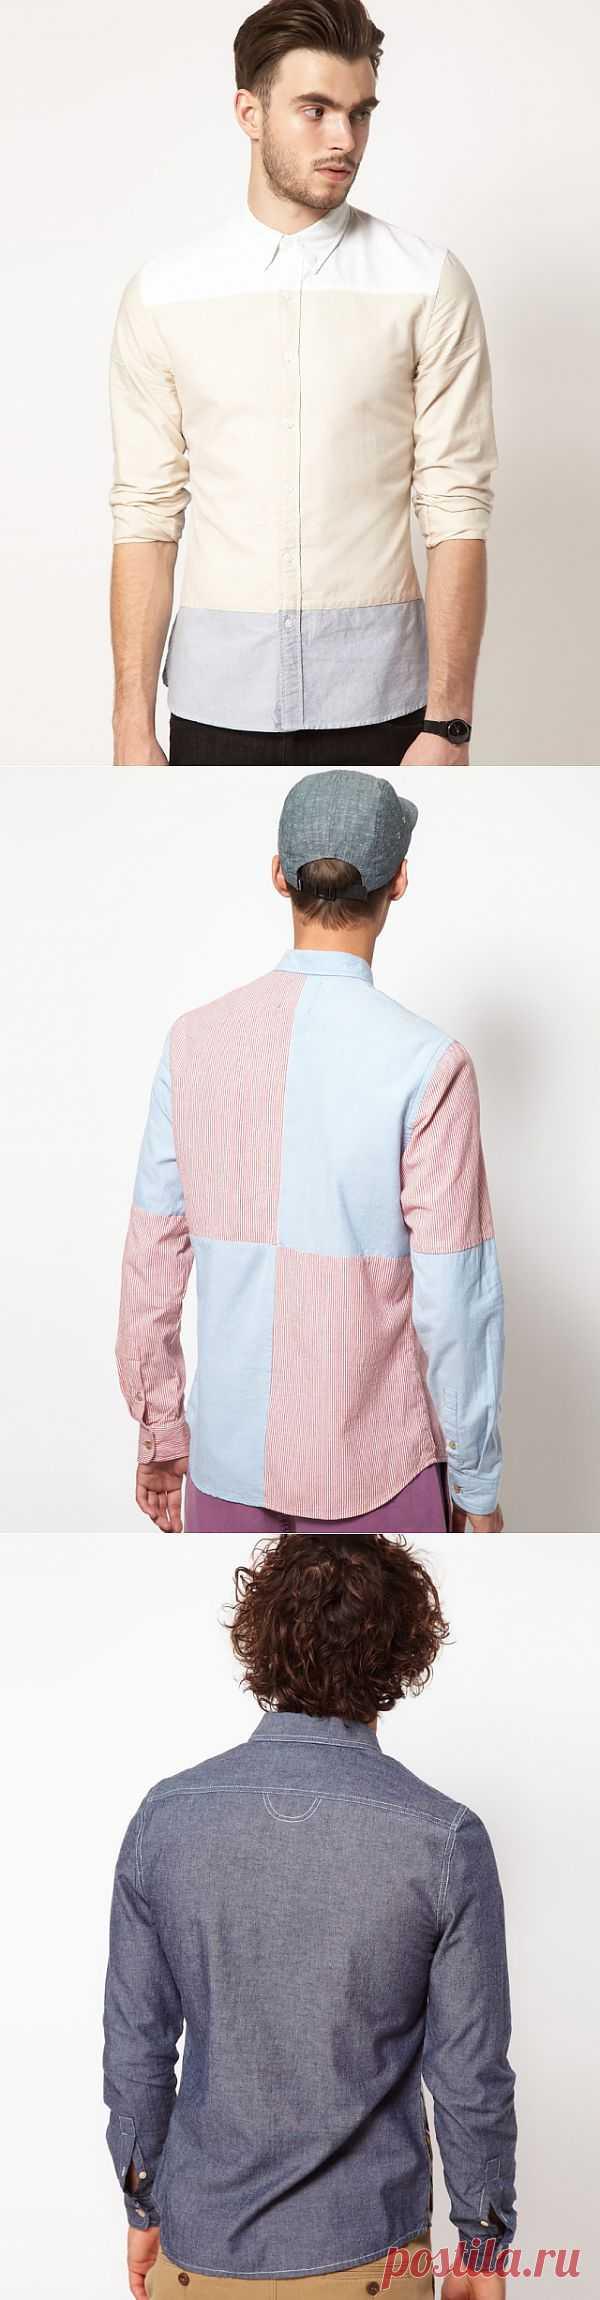 Лоскутное шитье: коллекция идей / Пэчворк / Модный сайт о стильной переделке одежды и интерьера